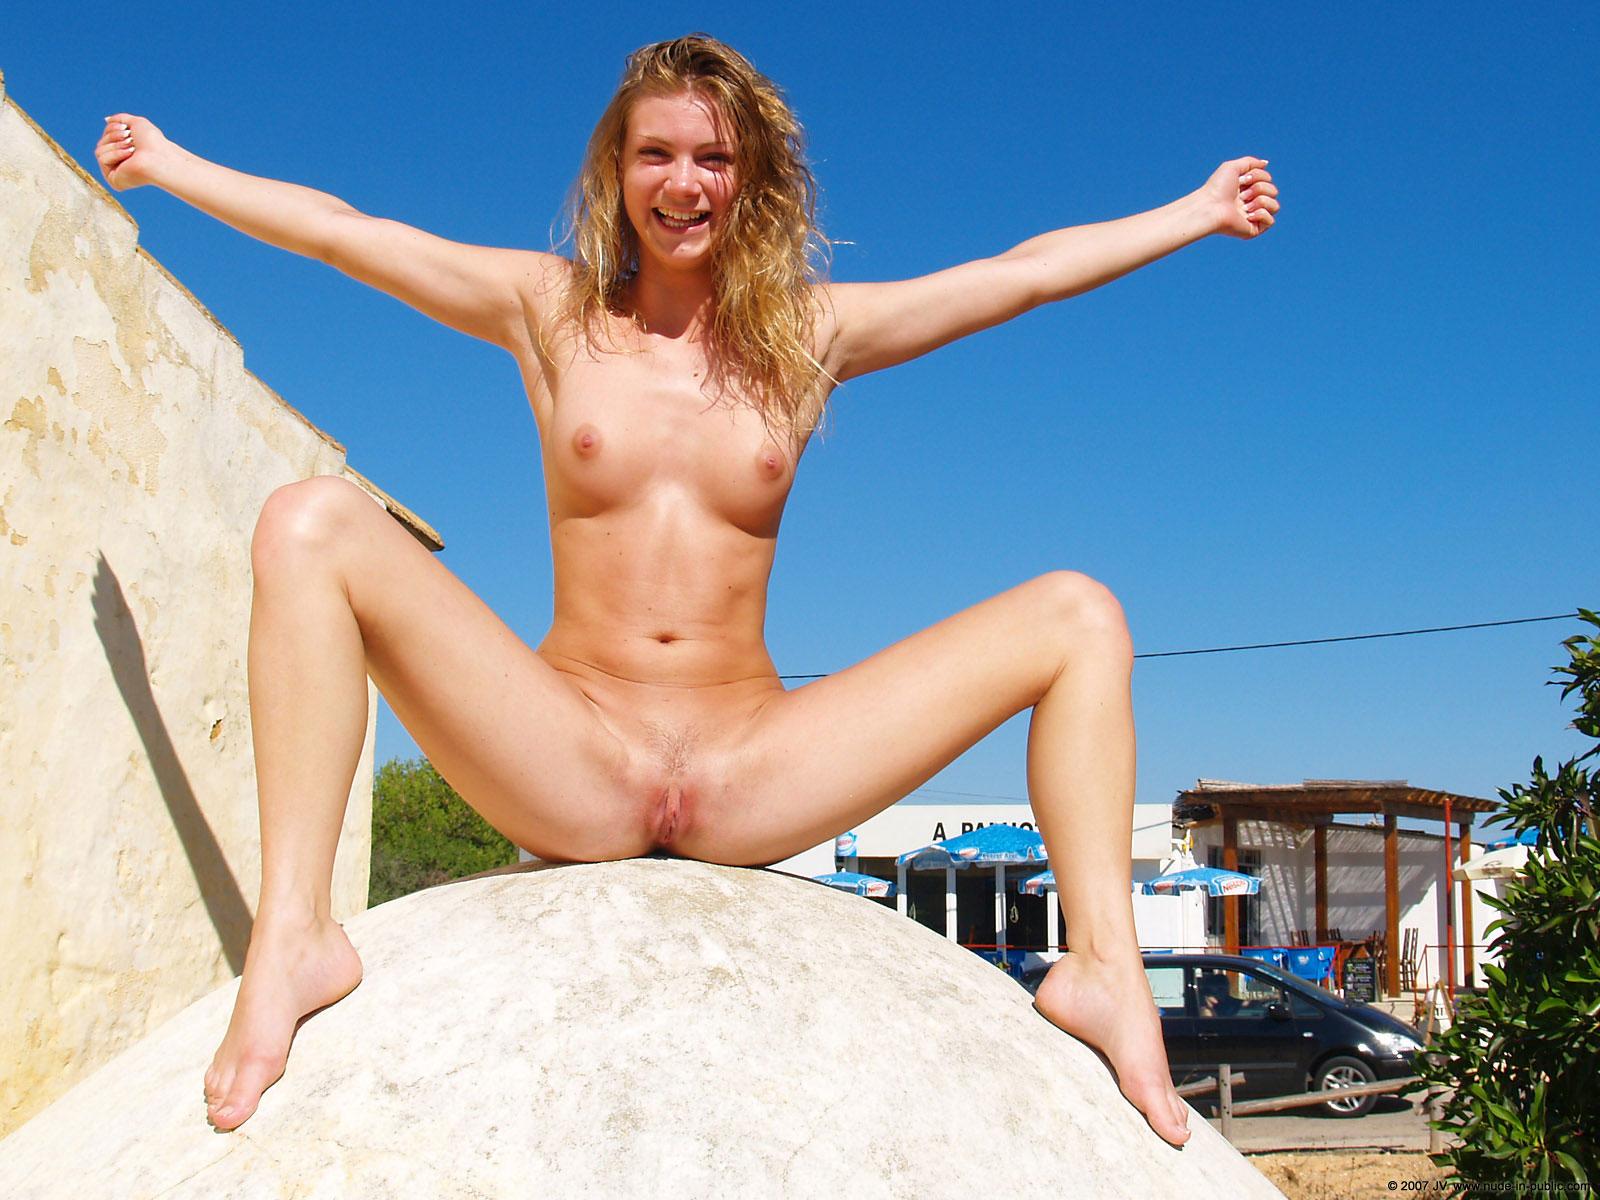 Эротика голая на публике фото 8 фотография